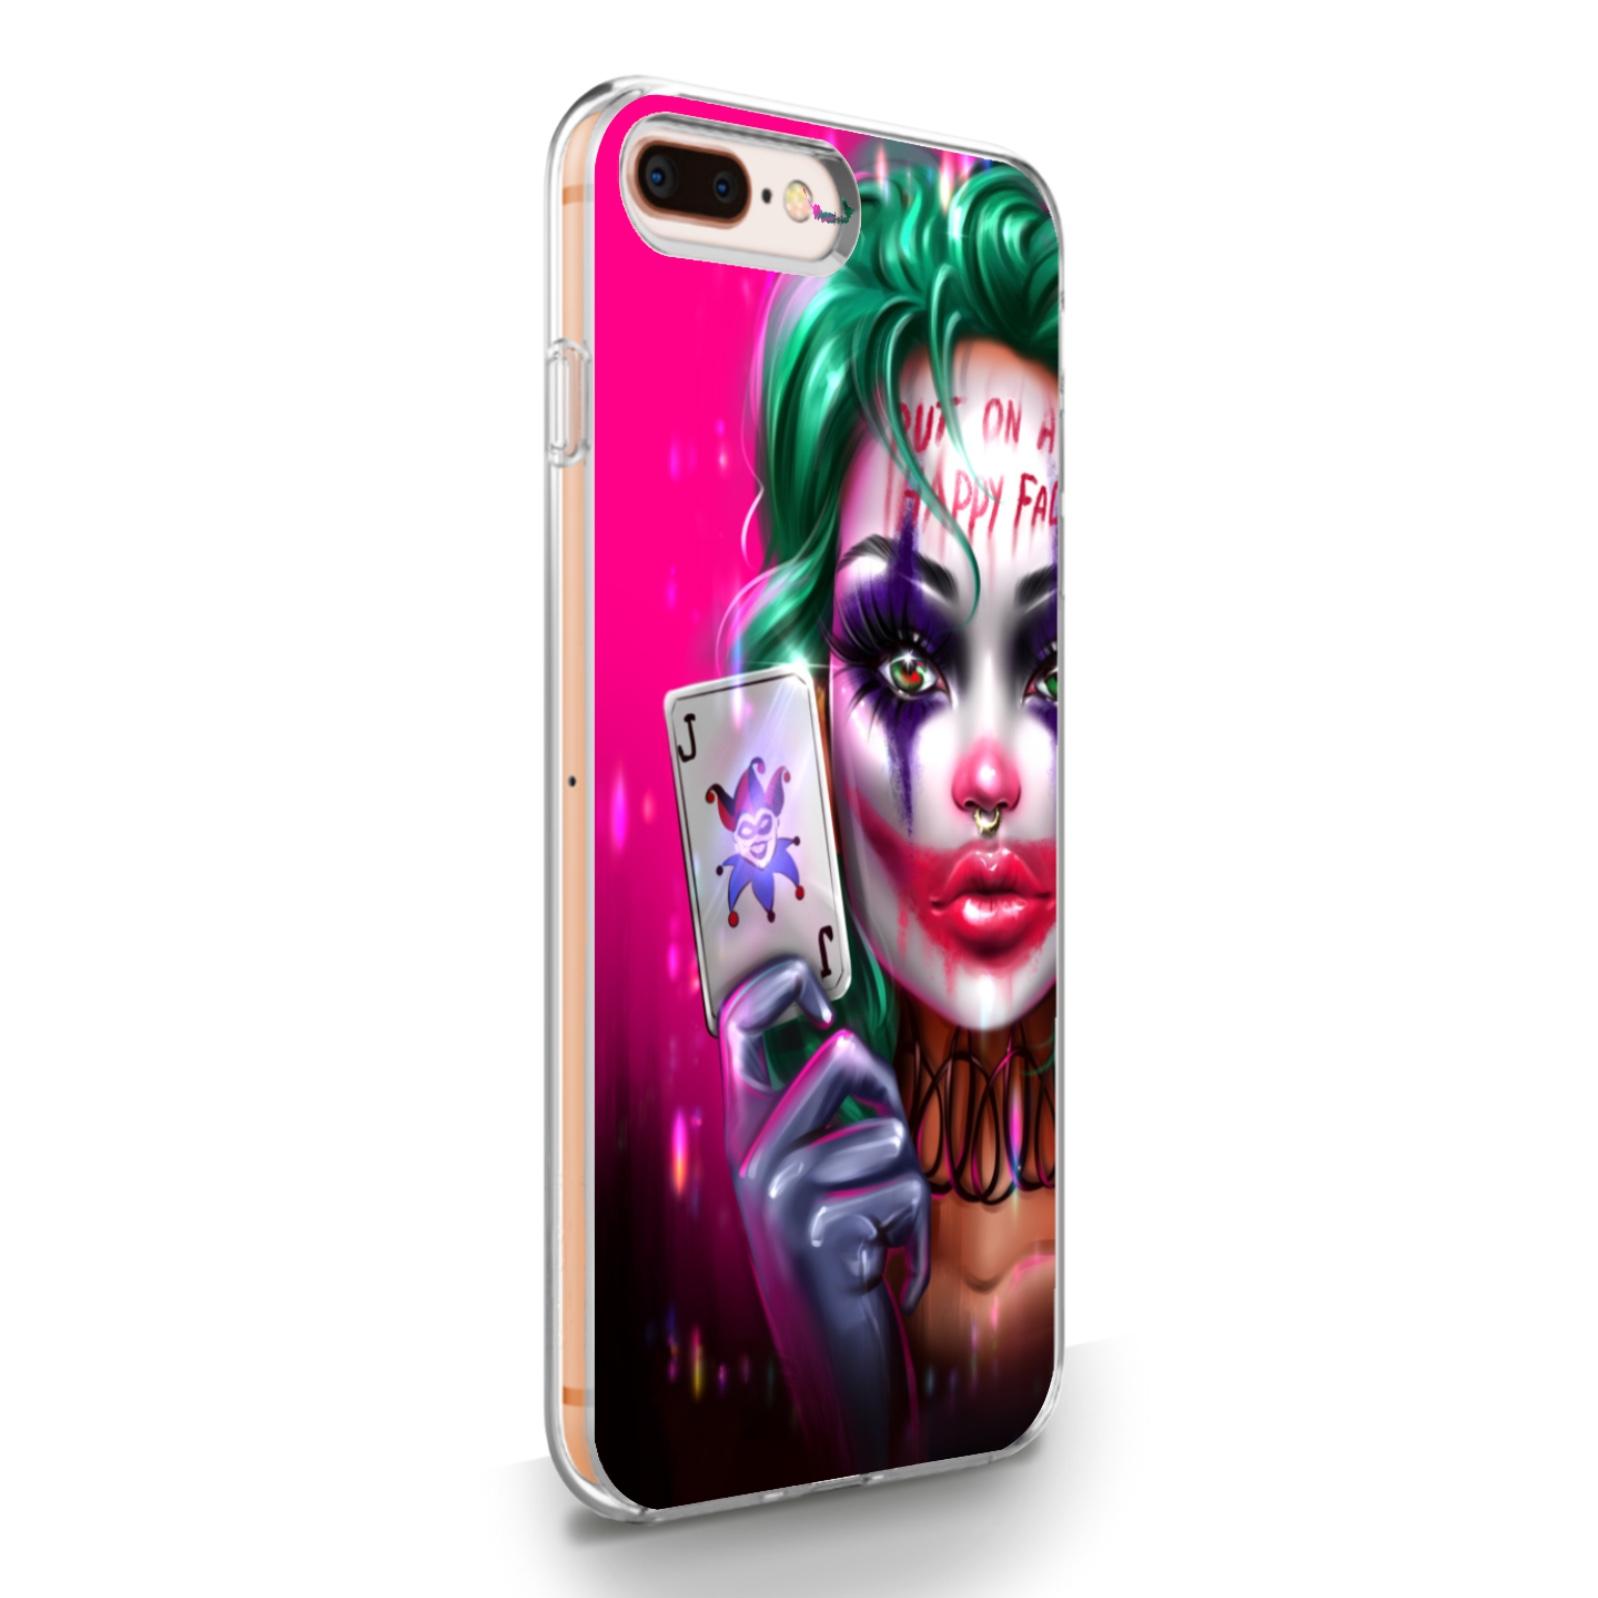 Прозрачный силиконовый чехол для iPhone 7/8 Plus JokerGirl/ Харли Квин для Айфон 7/8 Плюс